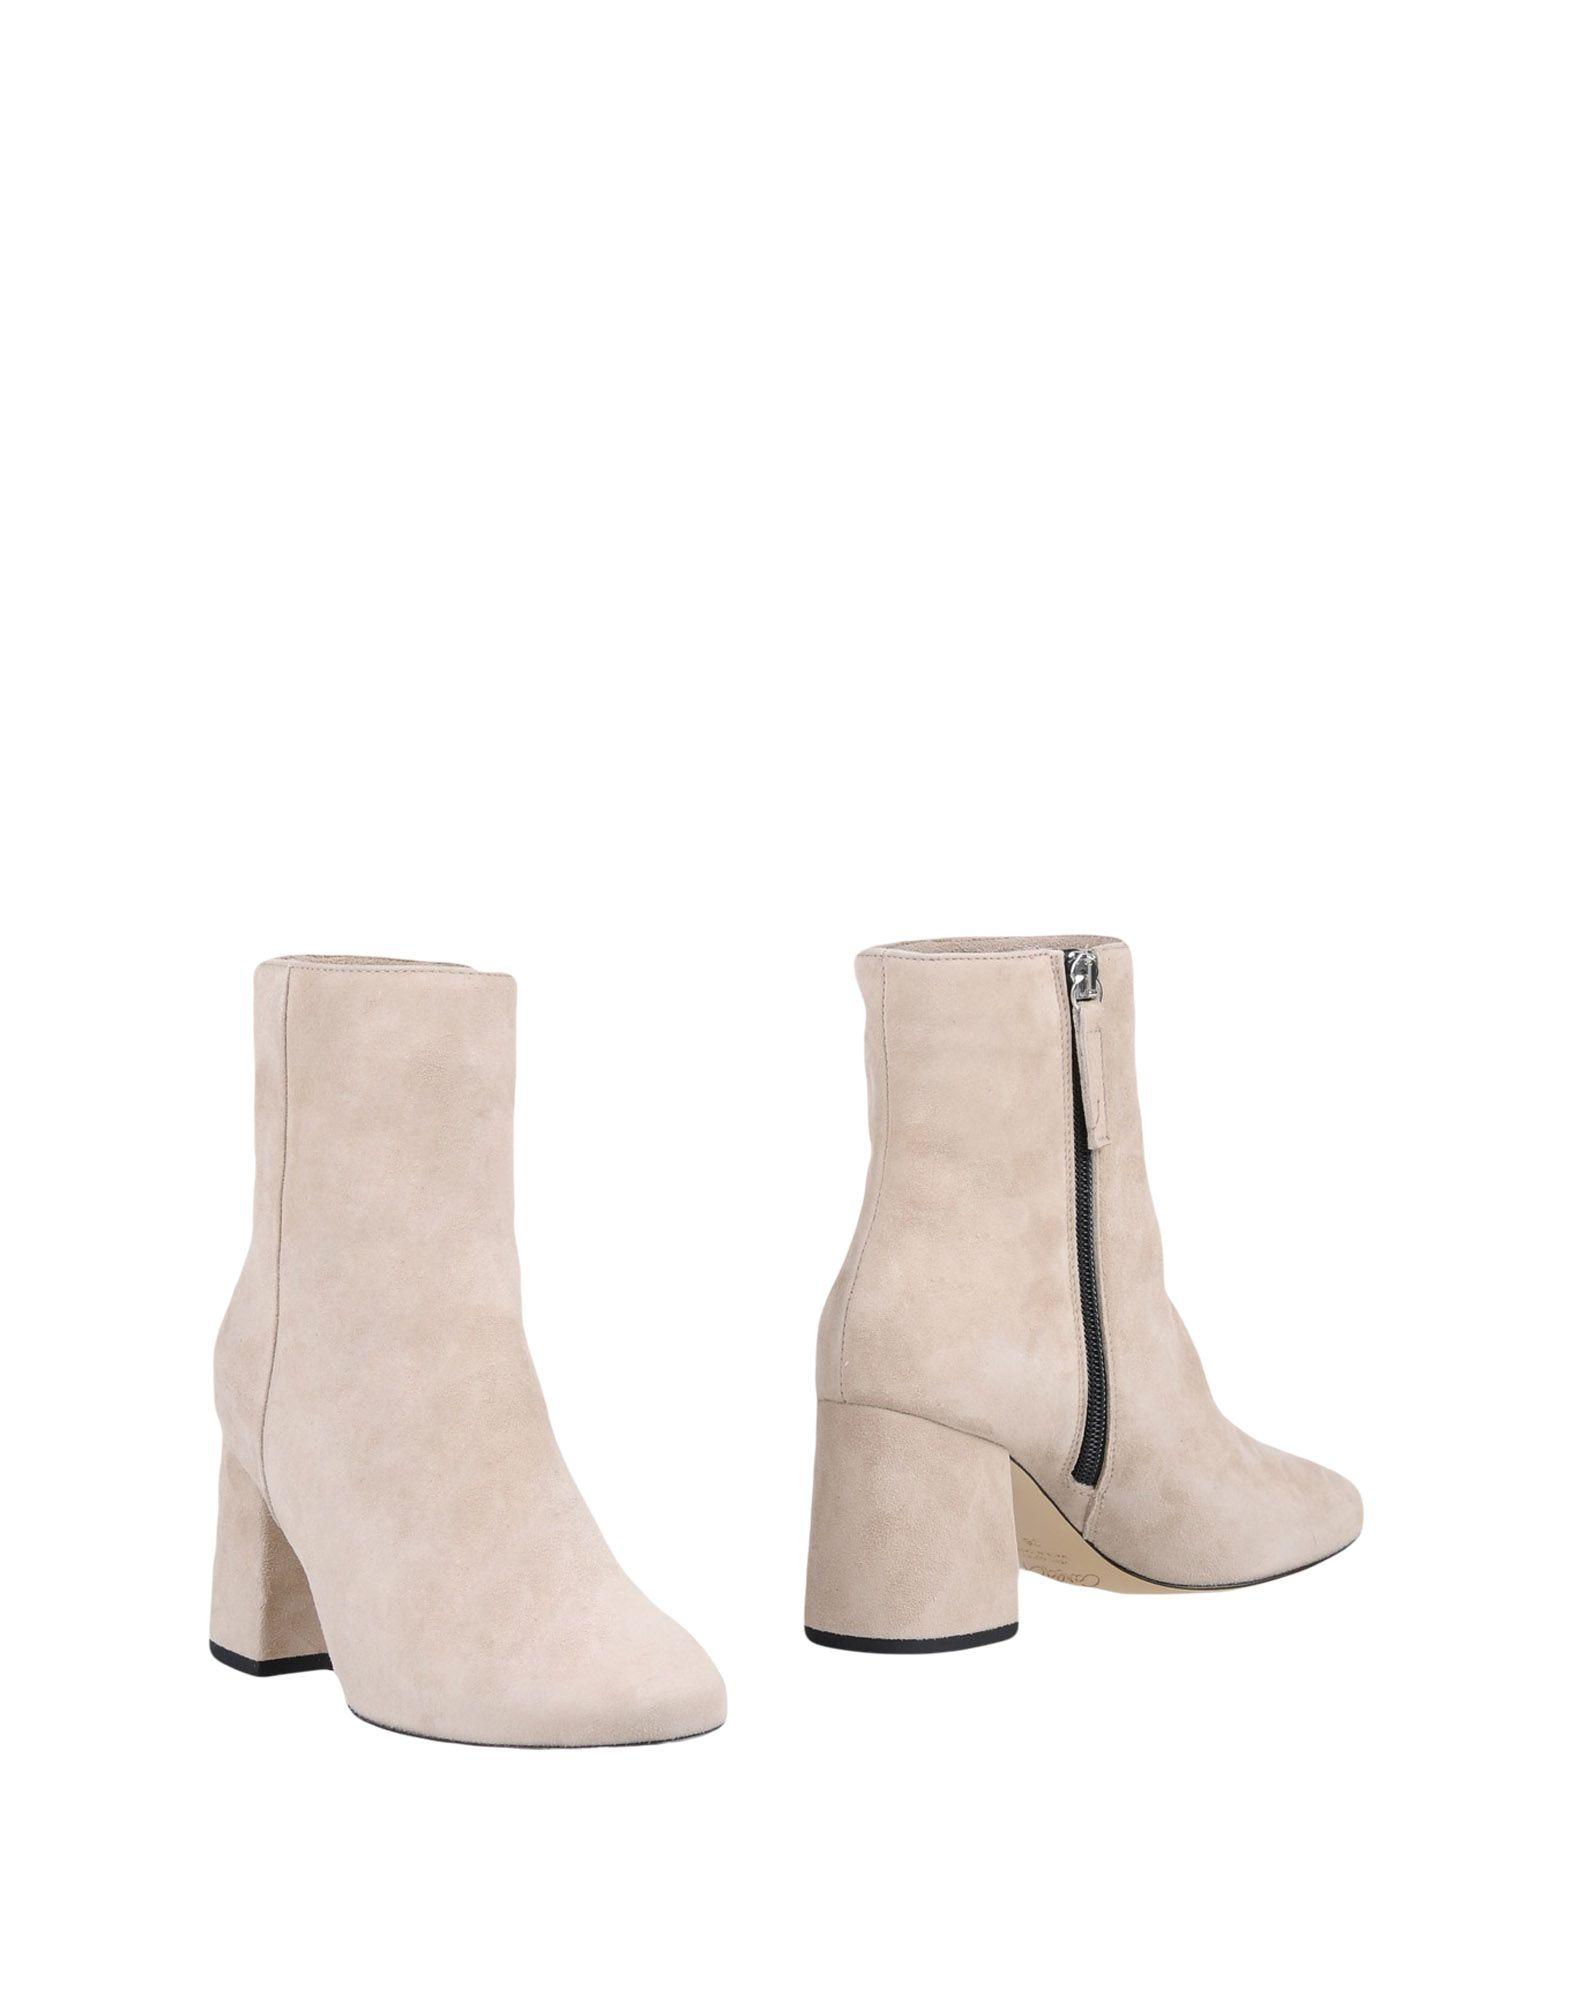 Carla G. Stiefelette Damen  11419729DK Gute Qualität beliebte Schuhe